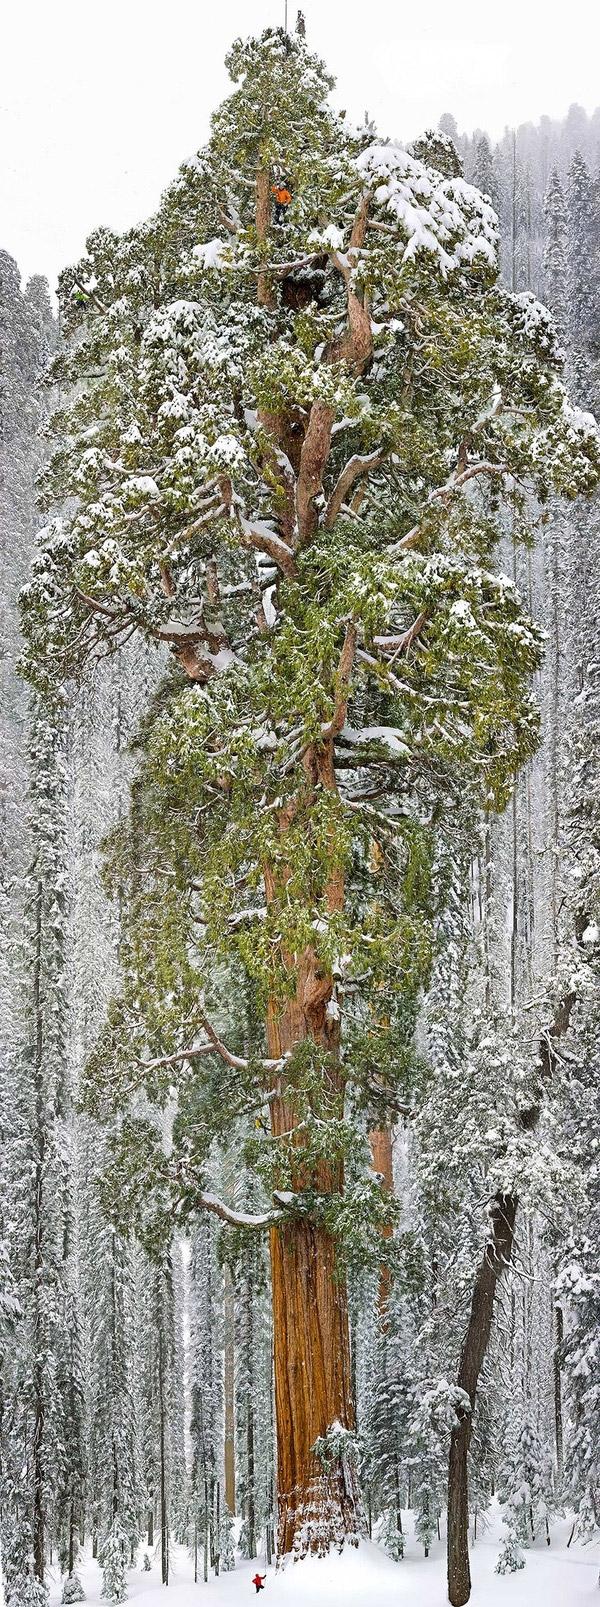 Cây Sequoia là loài cây cao nhất nhì trong giới thực vật. Riêng cây này cóchiều cao 73 mét vàđường kính rộng nhất 28 mét. Được biết,đây là cây Sequoia lớn thứ 3 trên thế giới.(Ảnh: Internet)